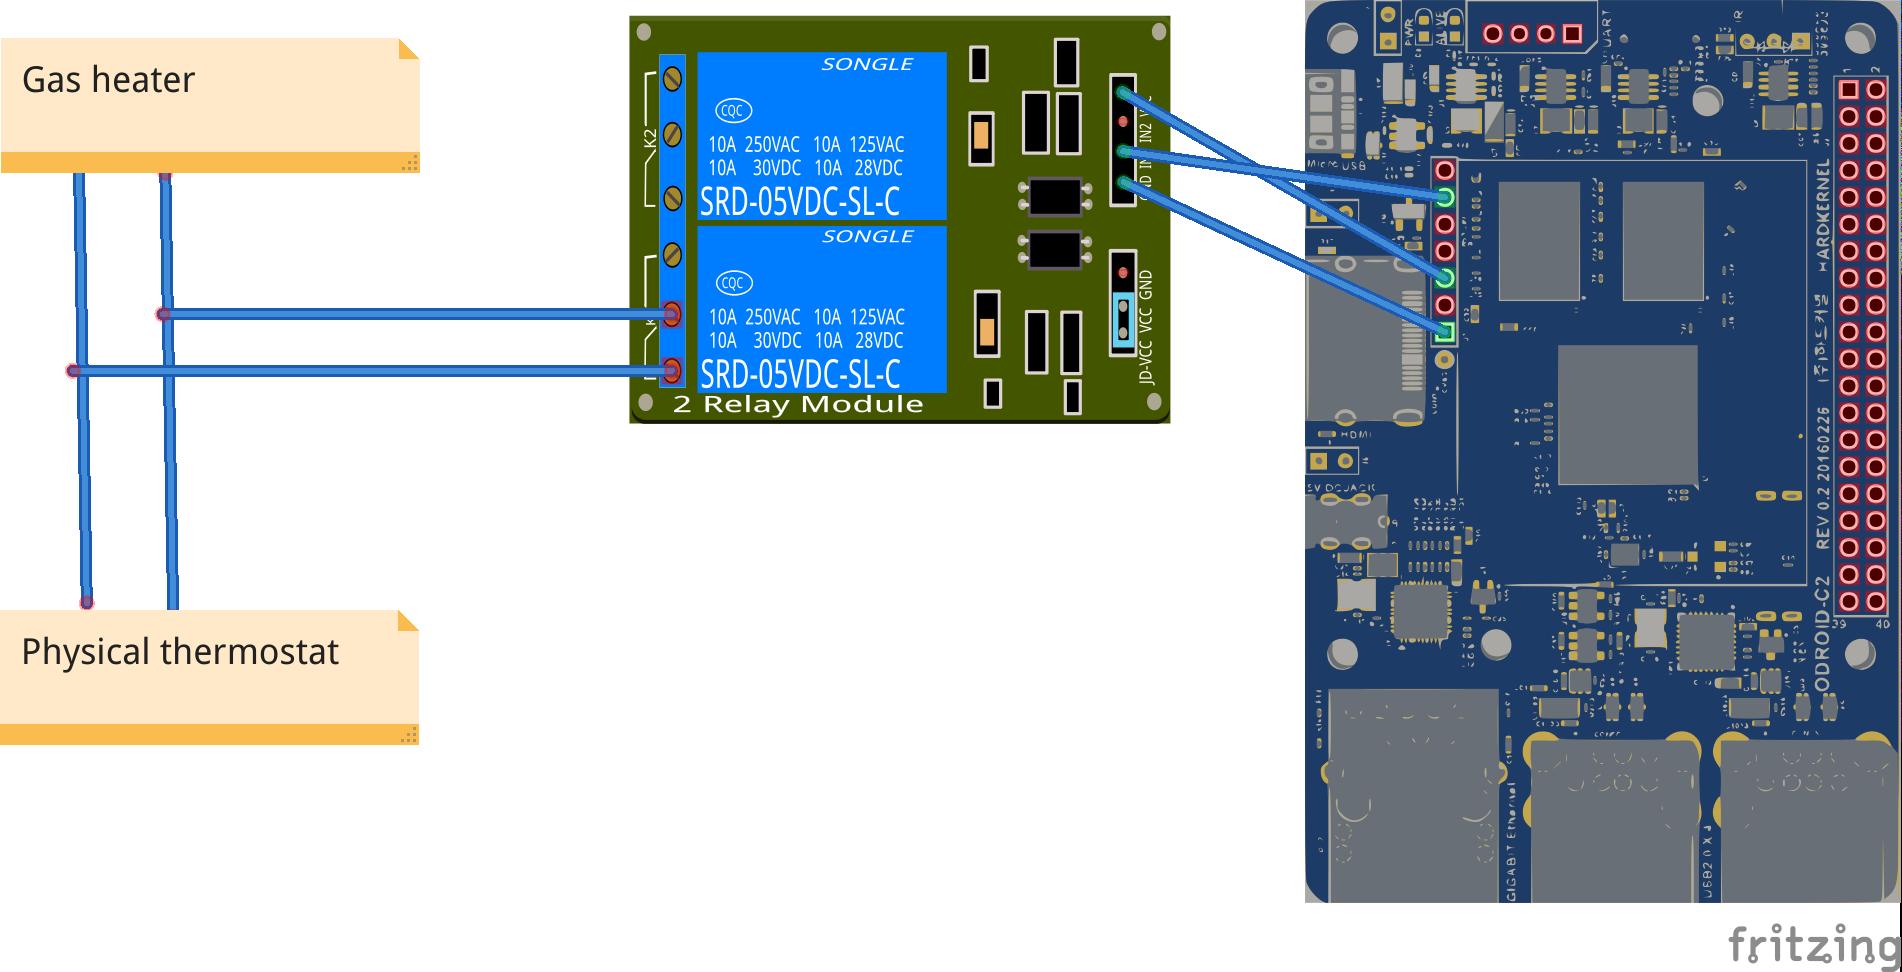 Figure 7 - Implementation details